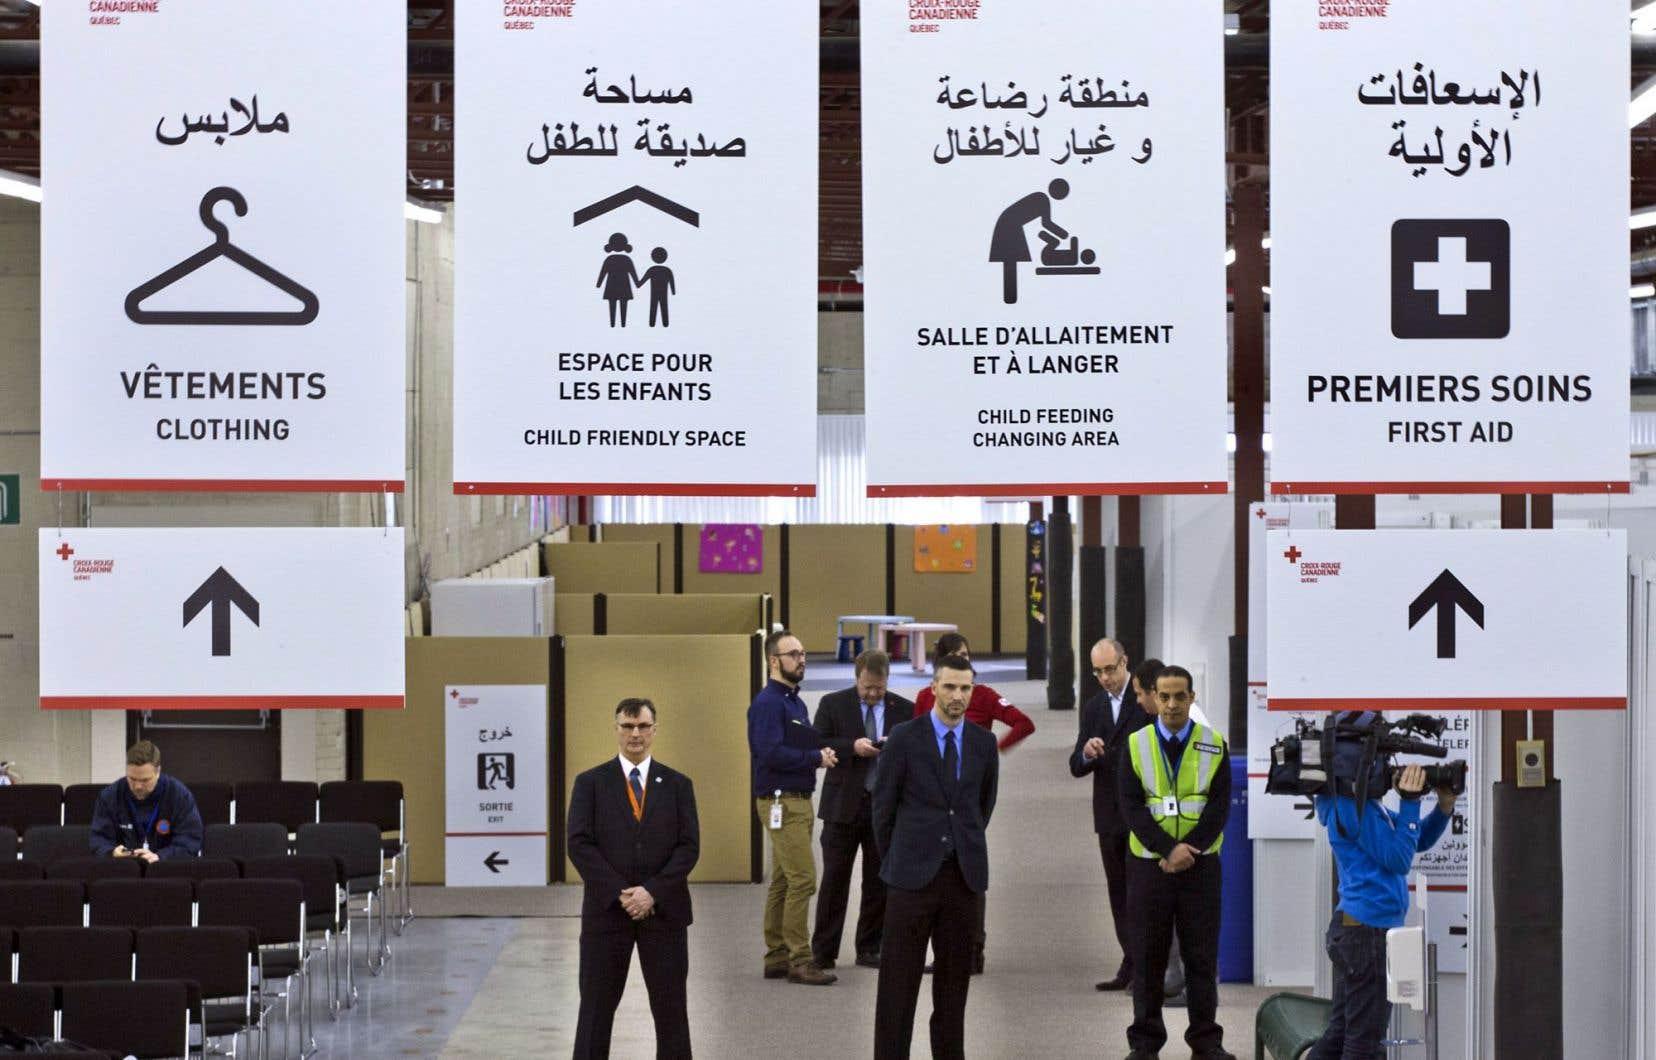 Le Centre de bienvenue des réfugiés est situé dans le parc industriel de Saint-Laurent.